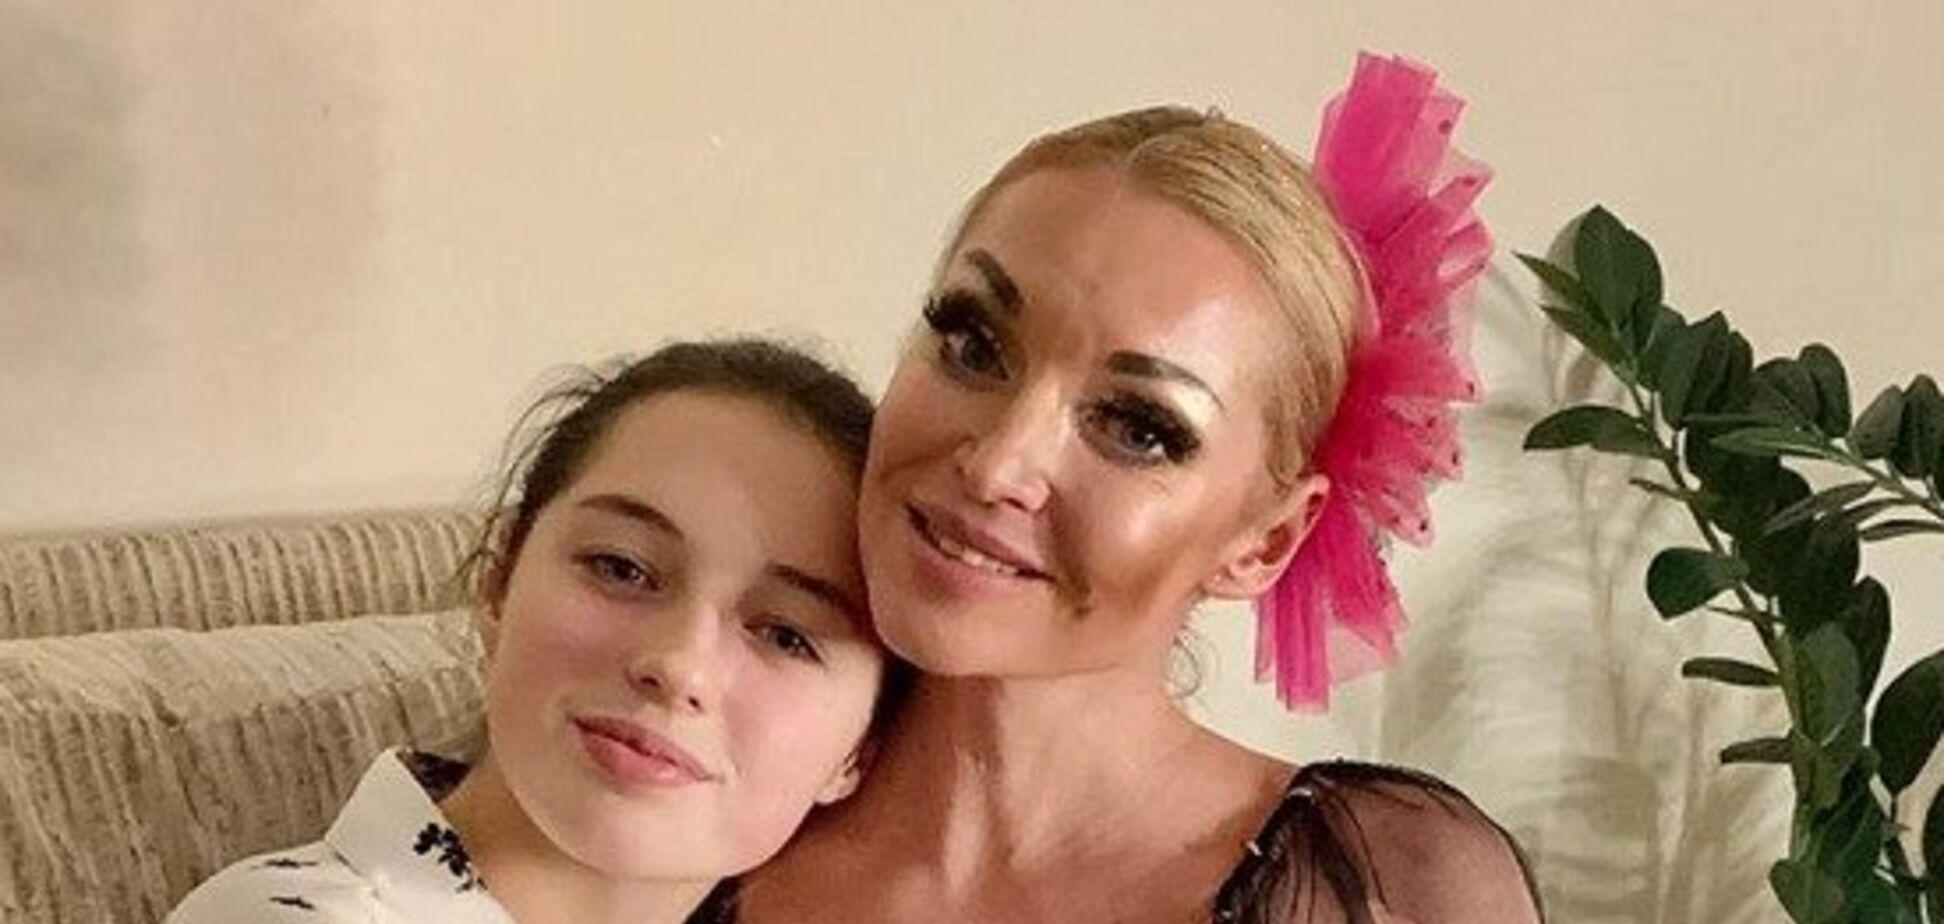 Дочь Волочковой рассказала о преследованиях из-за мамы